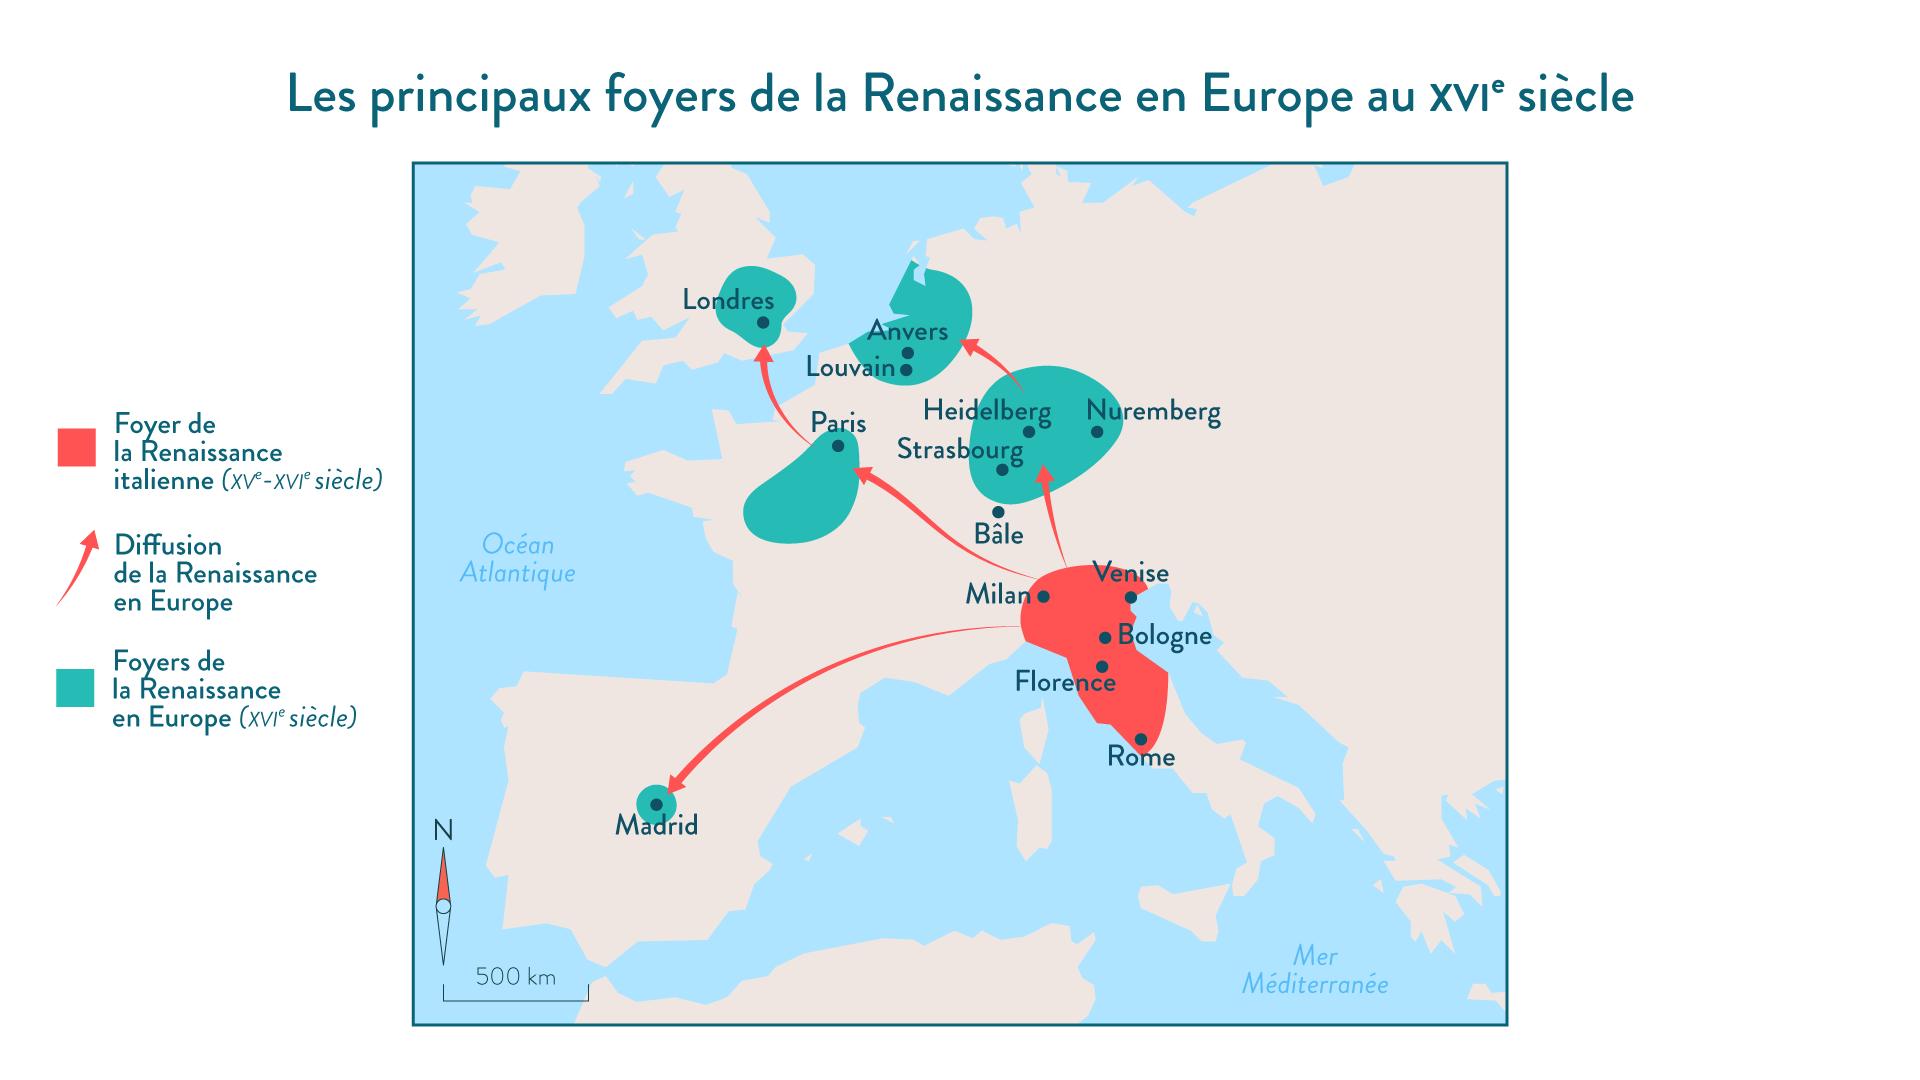 Les principaux foyers de la Renaissance en Europe au XVI<sup>e</sup>siècle - 5e - histoire